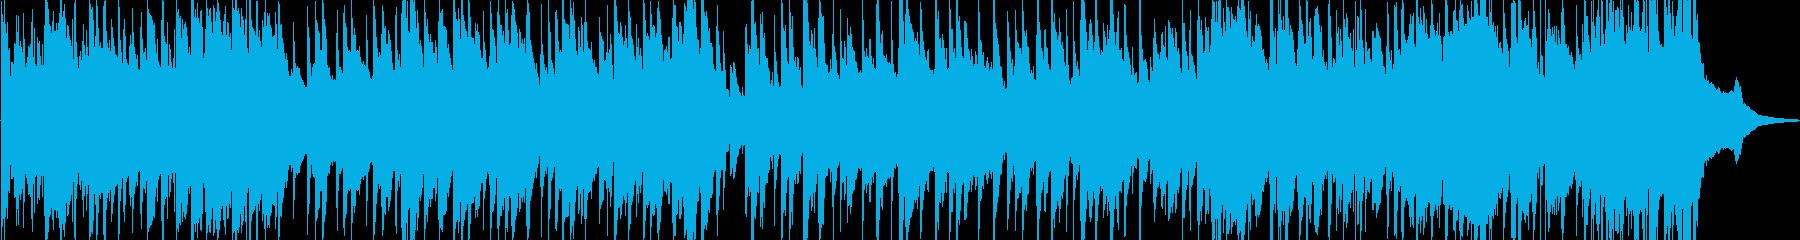 アルトサックスとギターが奏でるバラードの再生済みの波形